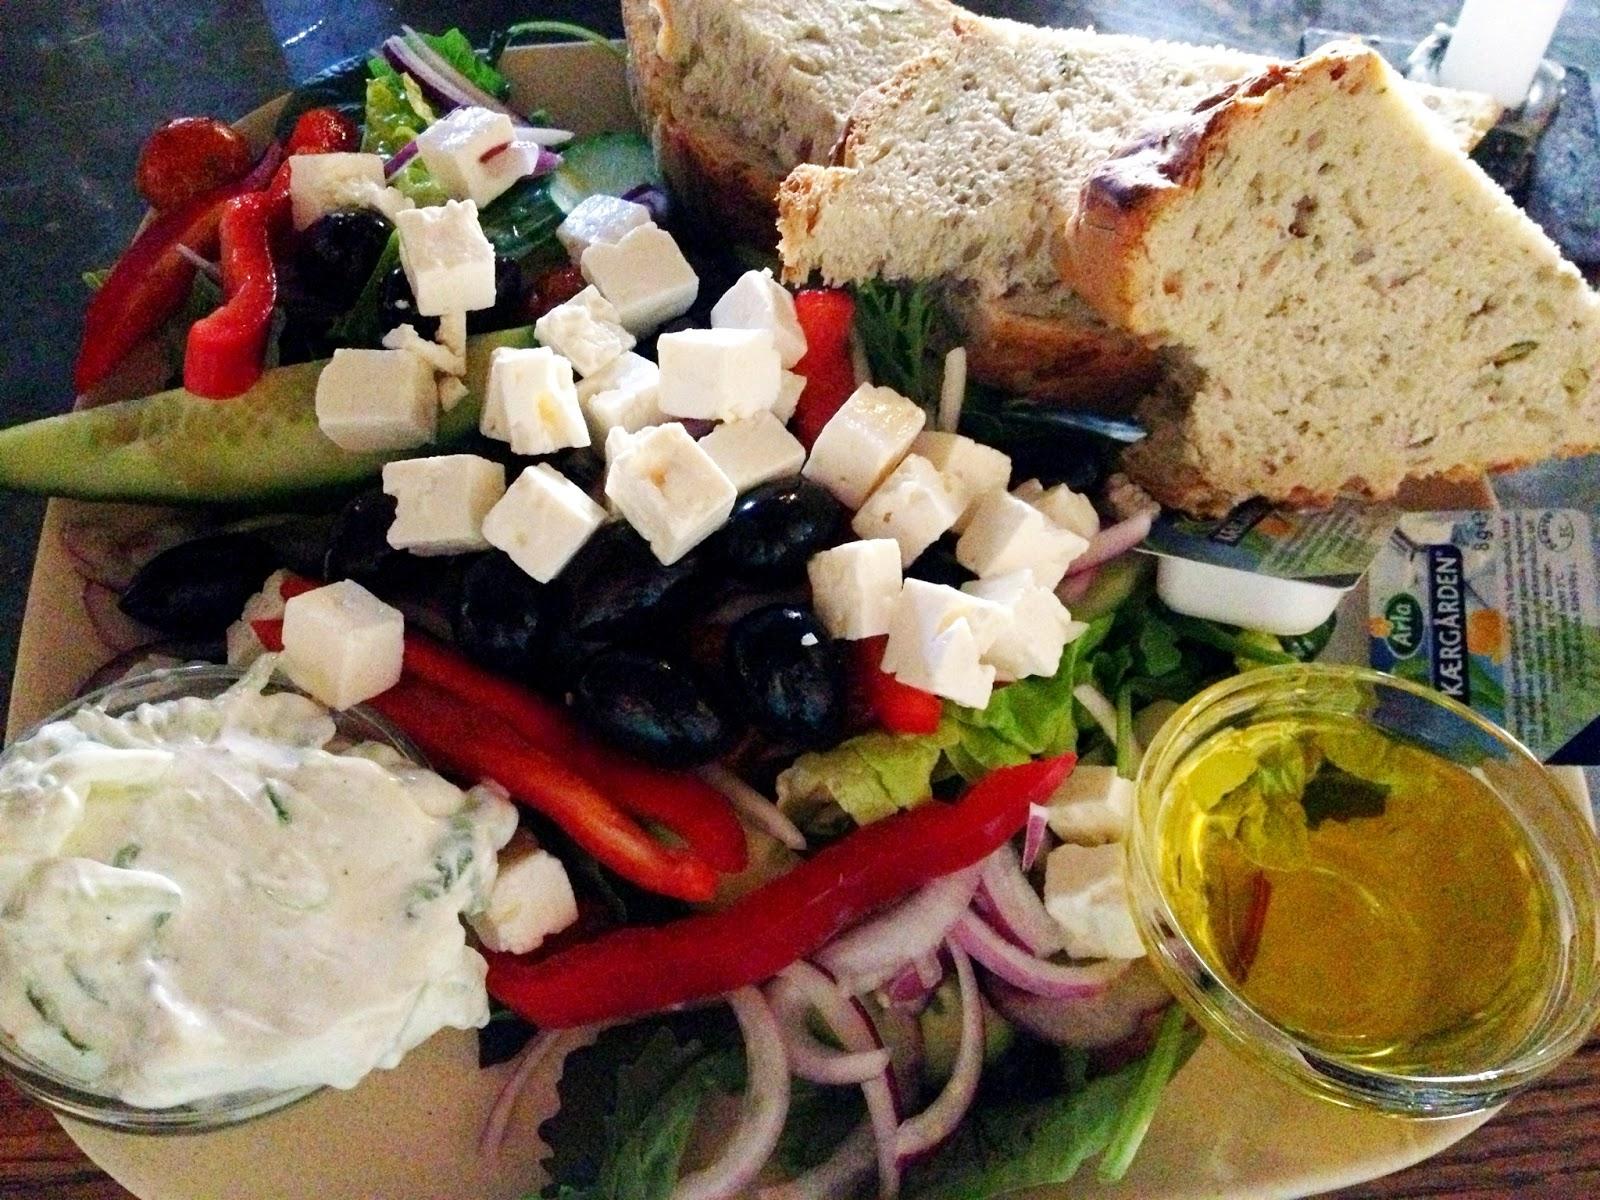 græsk salat, feta, oliven, grækenland, cafe, klaptræet, kultorvet, københavn, spisested, bar, restaurant, mad, sund